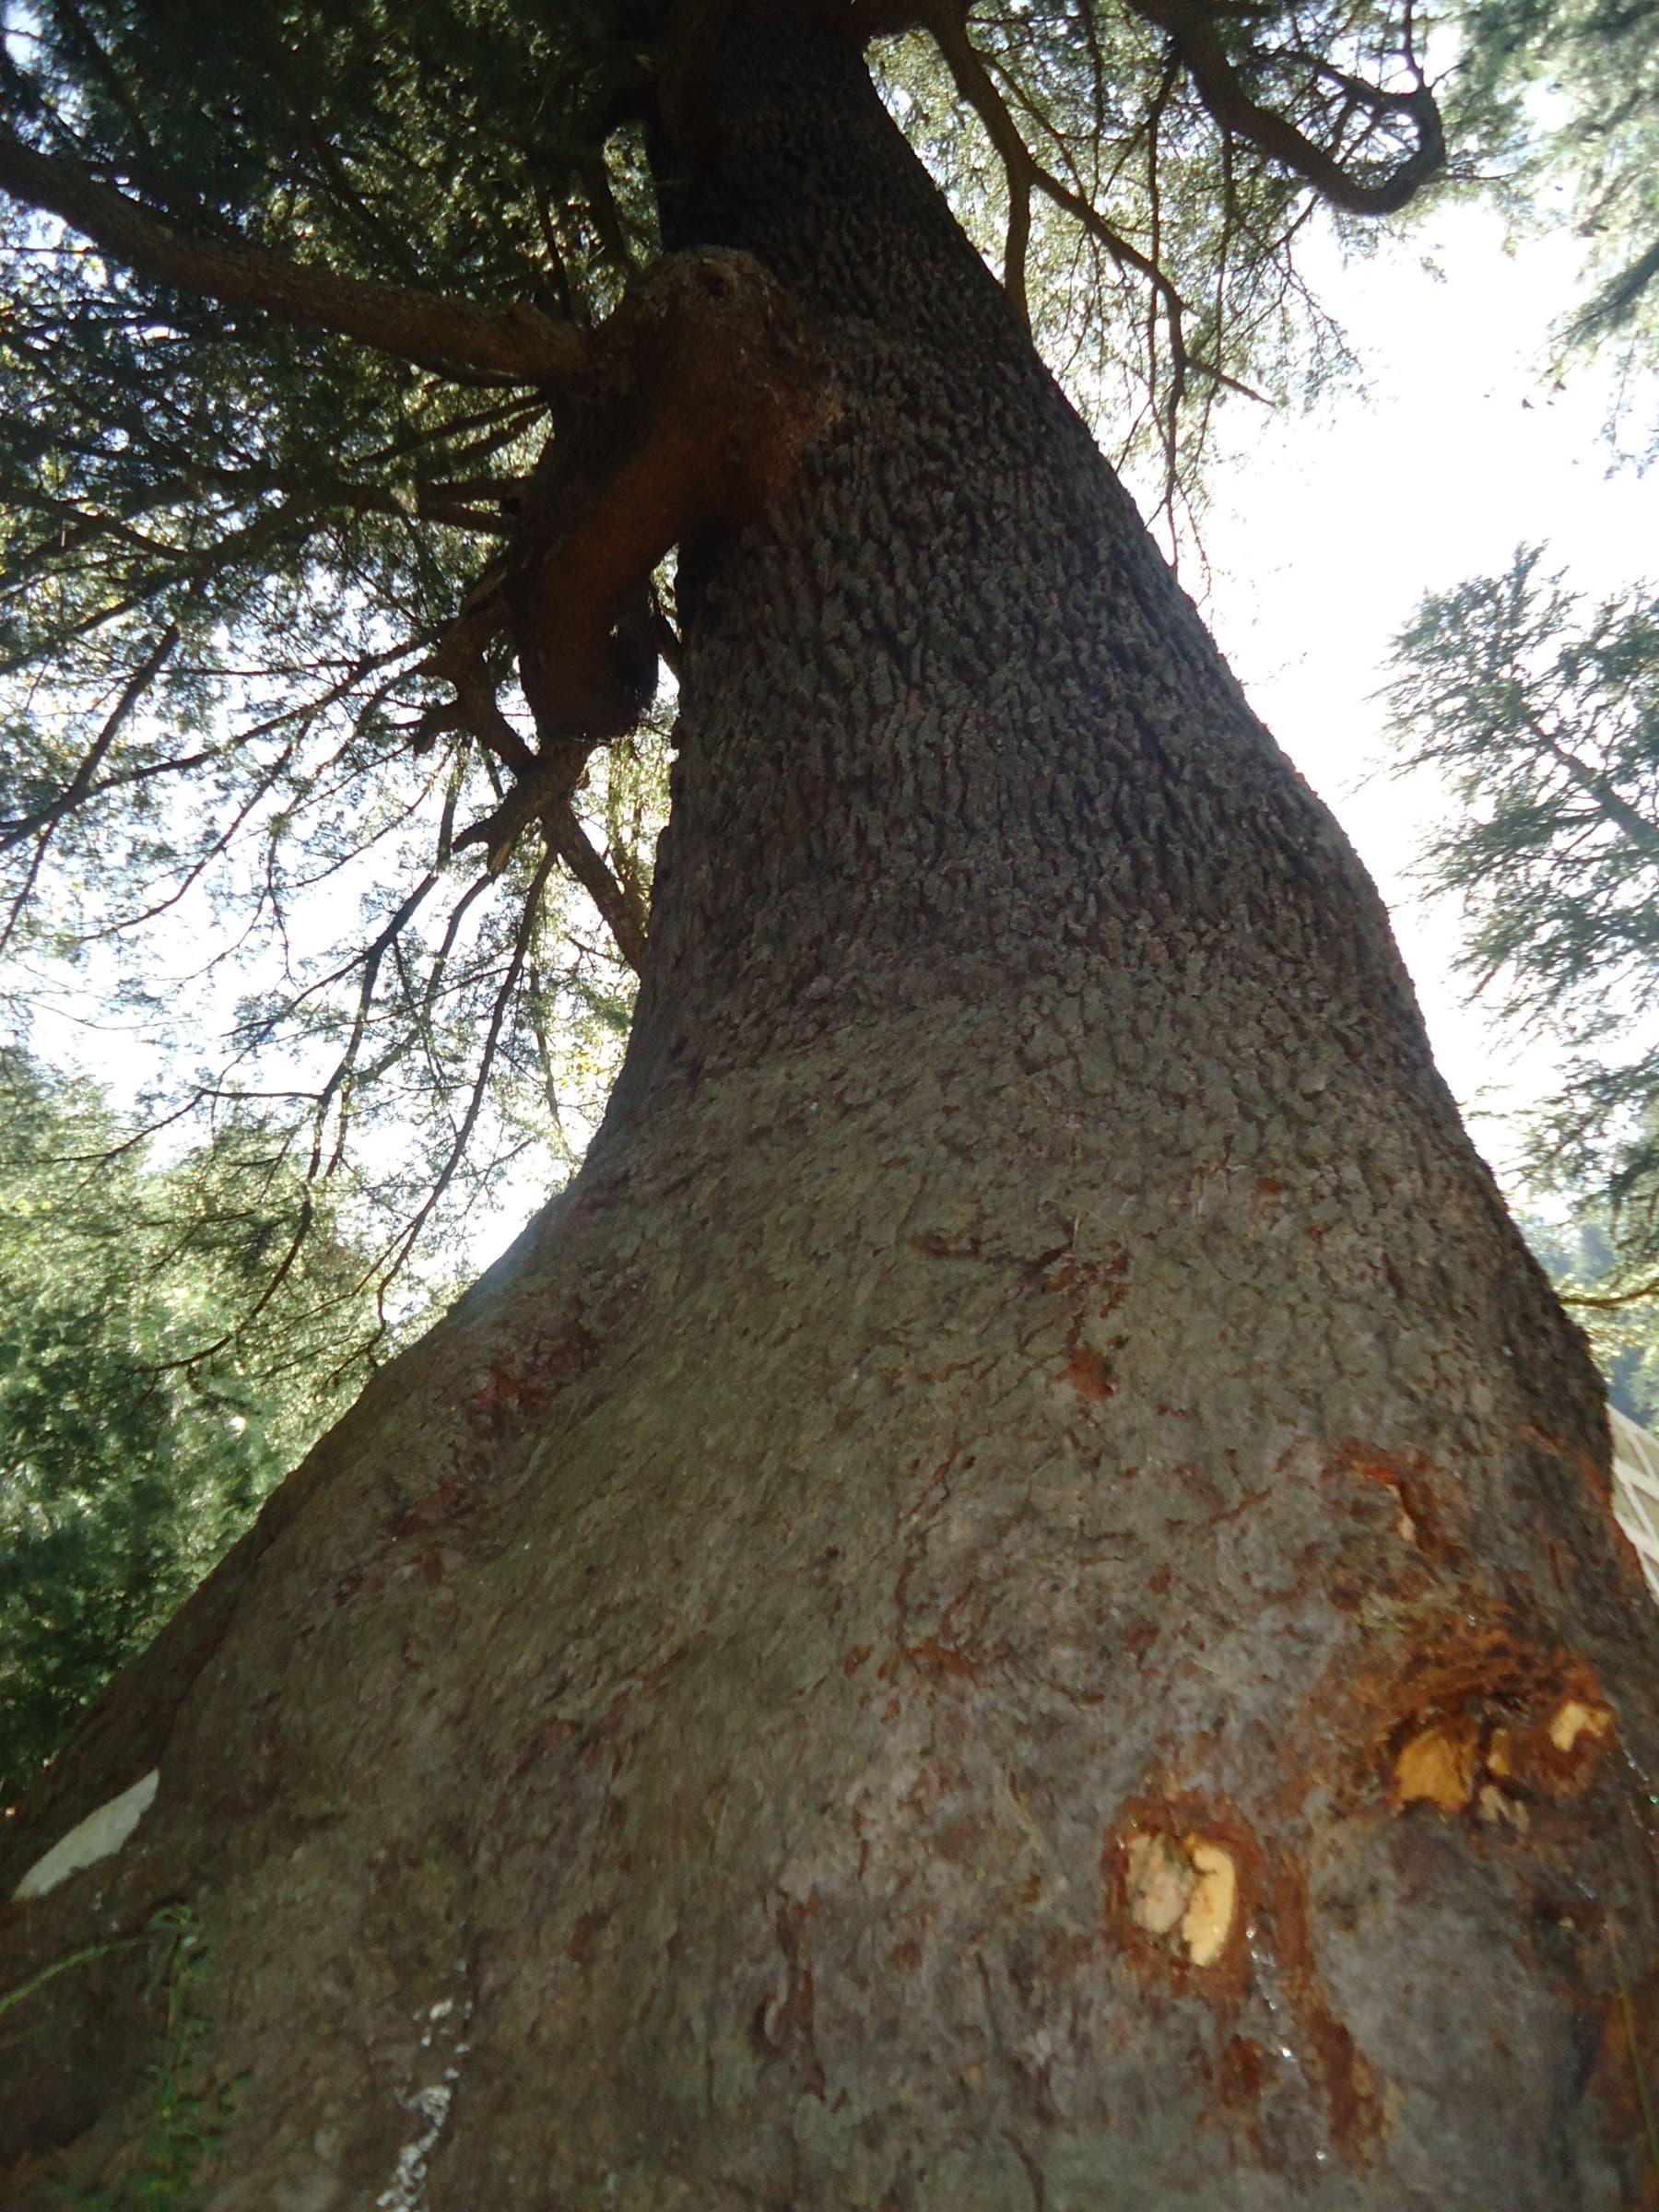 اس شاکی درخت نے یہ بھی کہا کہ انسان اپنی نادانی اور کوتاہ فہمی کی بنا پر جنگلات کے جنگلات مٹانے پر تلے ہوئے ہیں—تصویر لکھاری